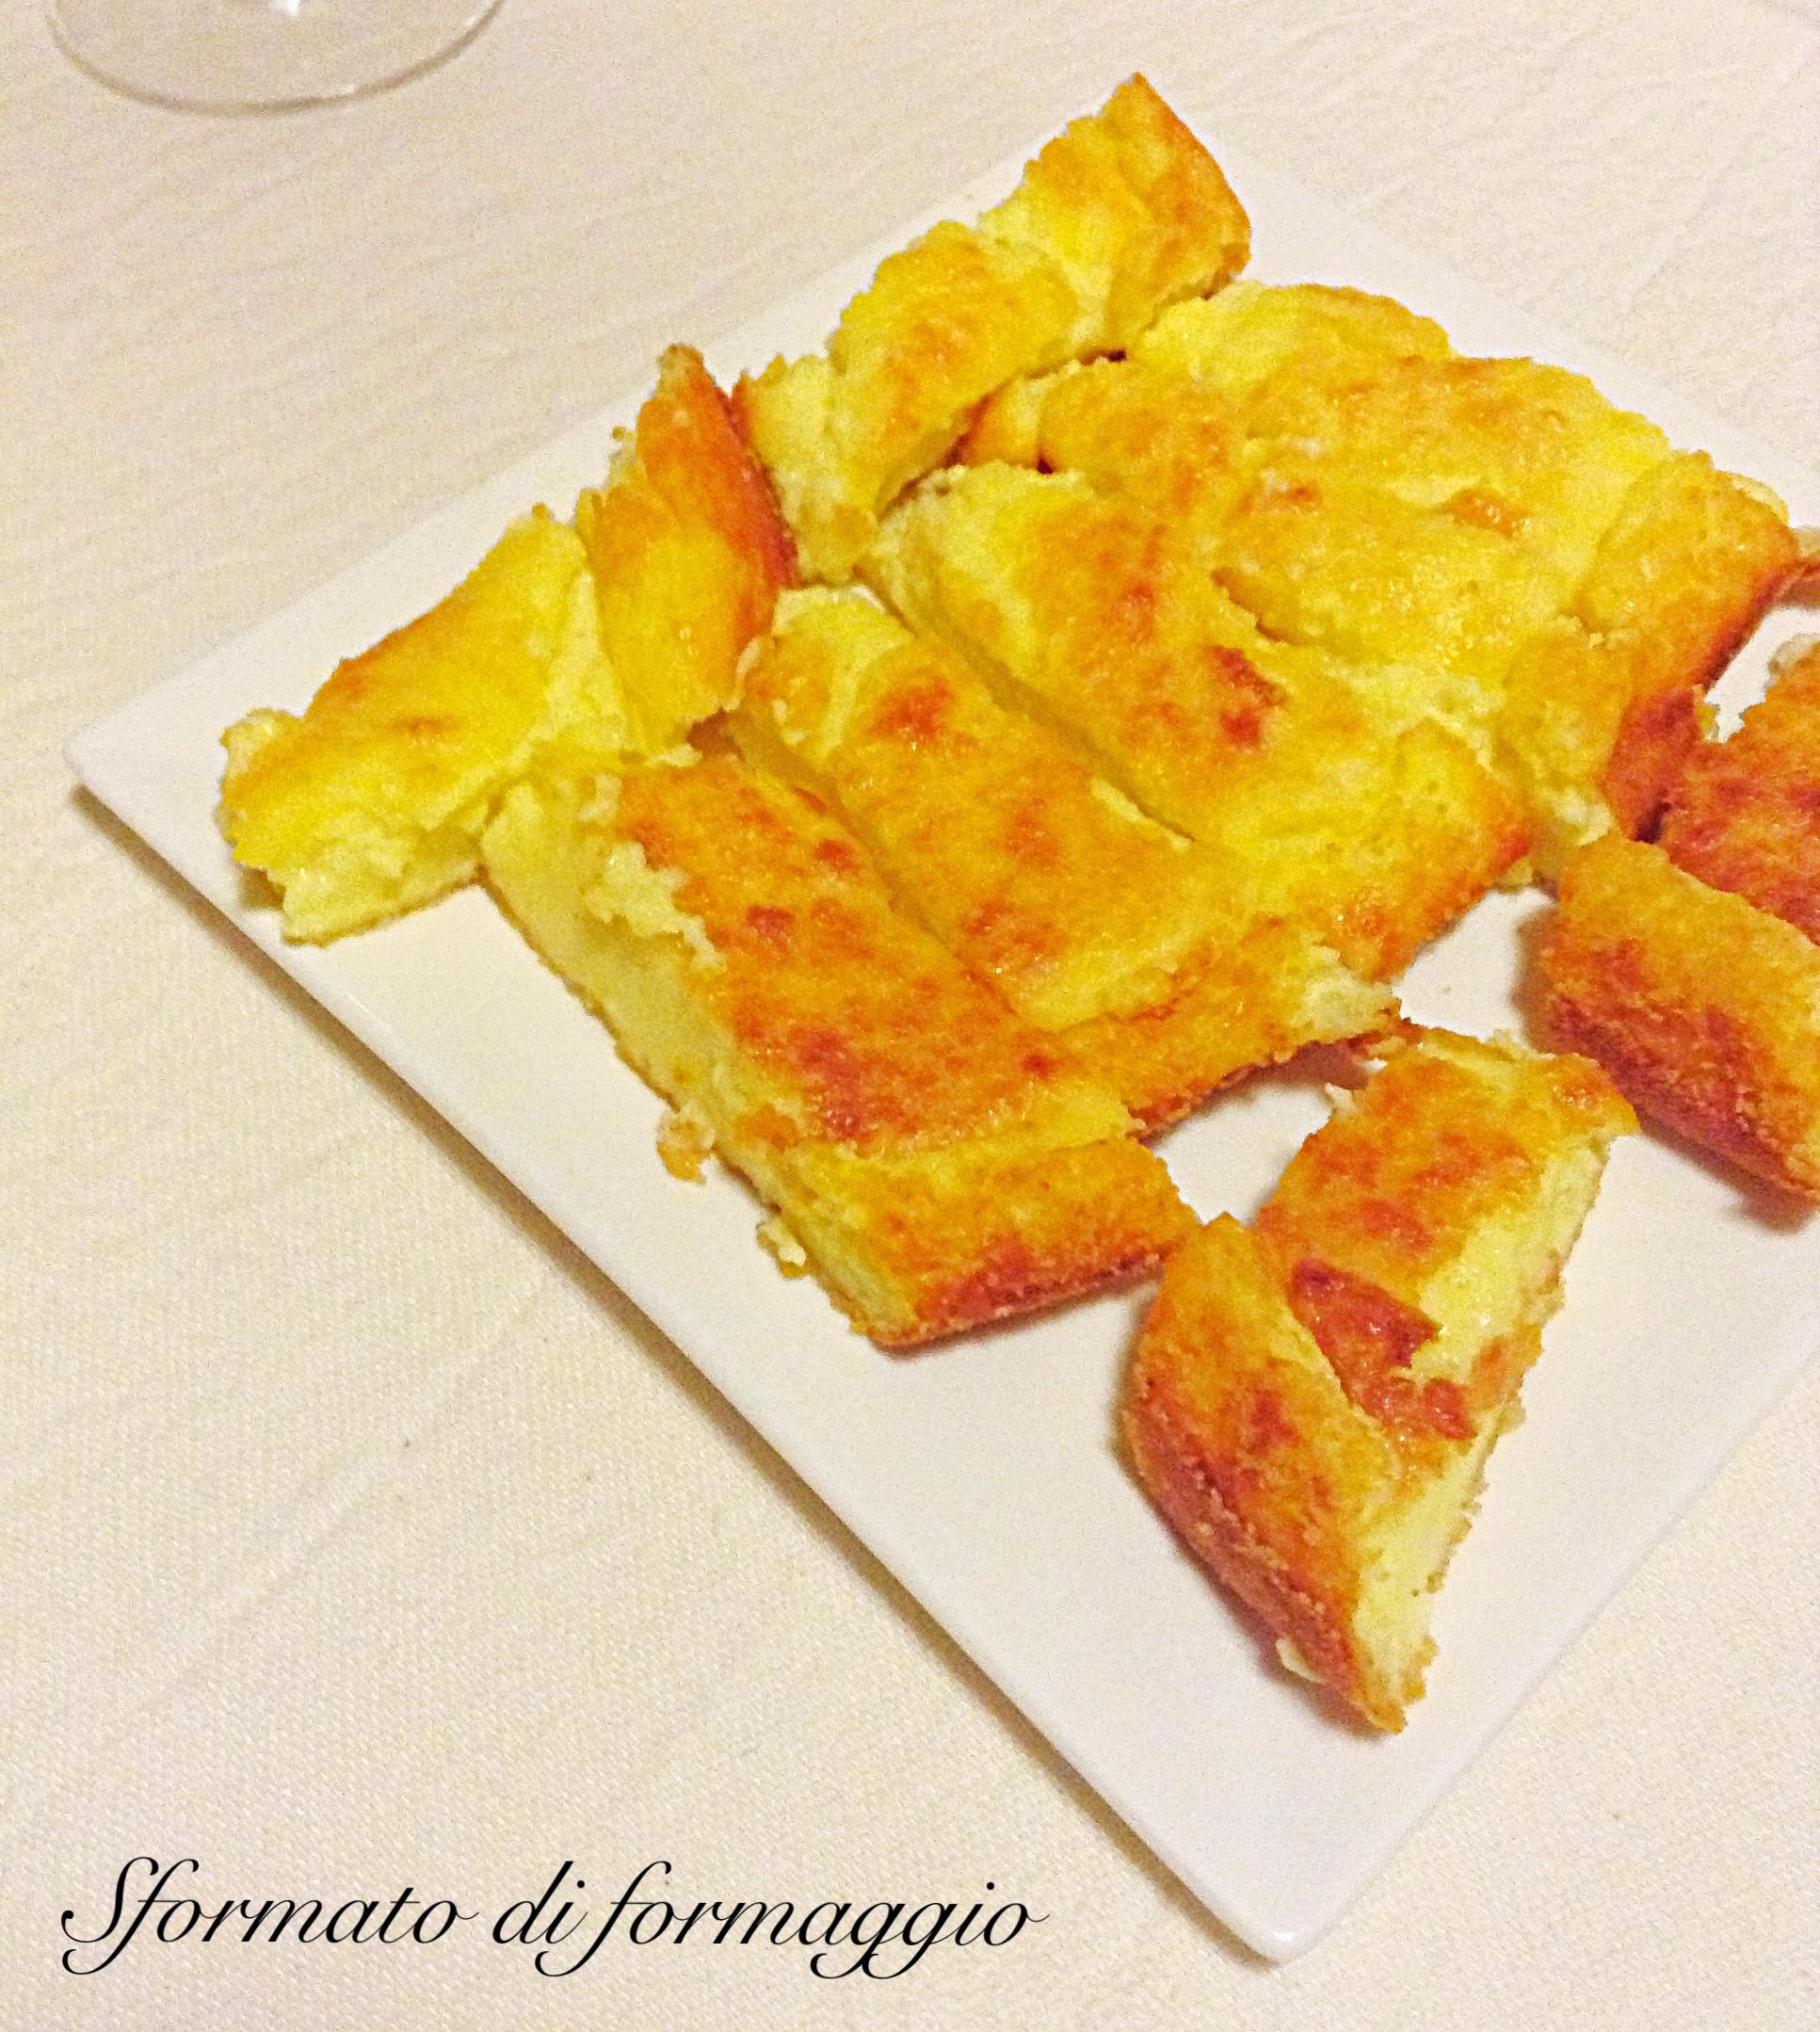 sformato-di-formaggio